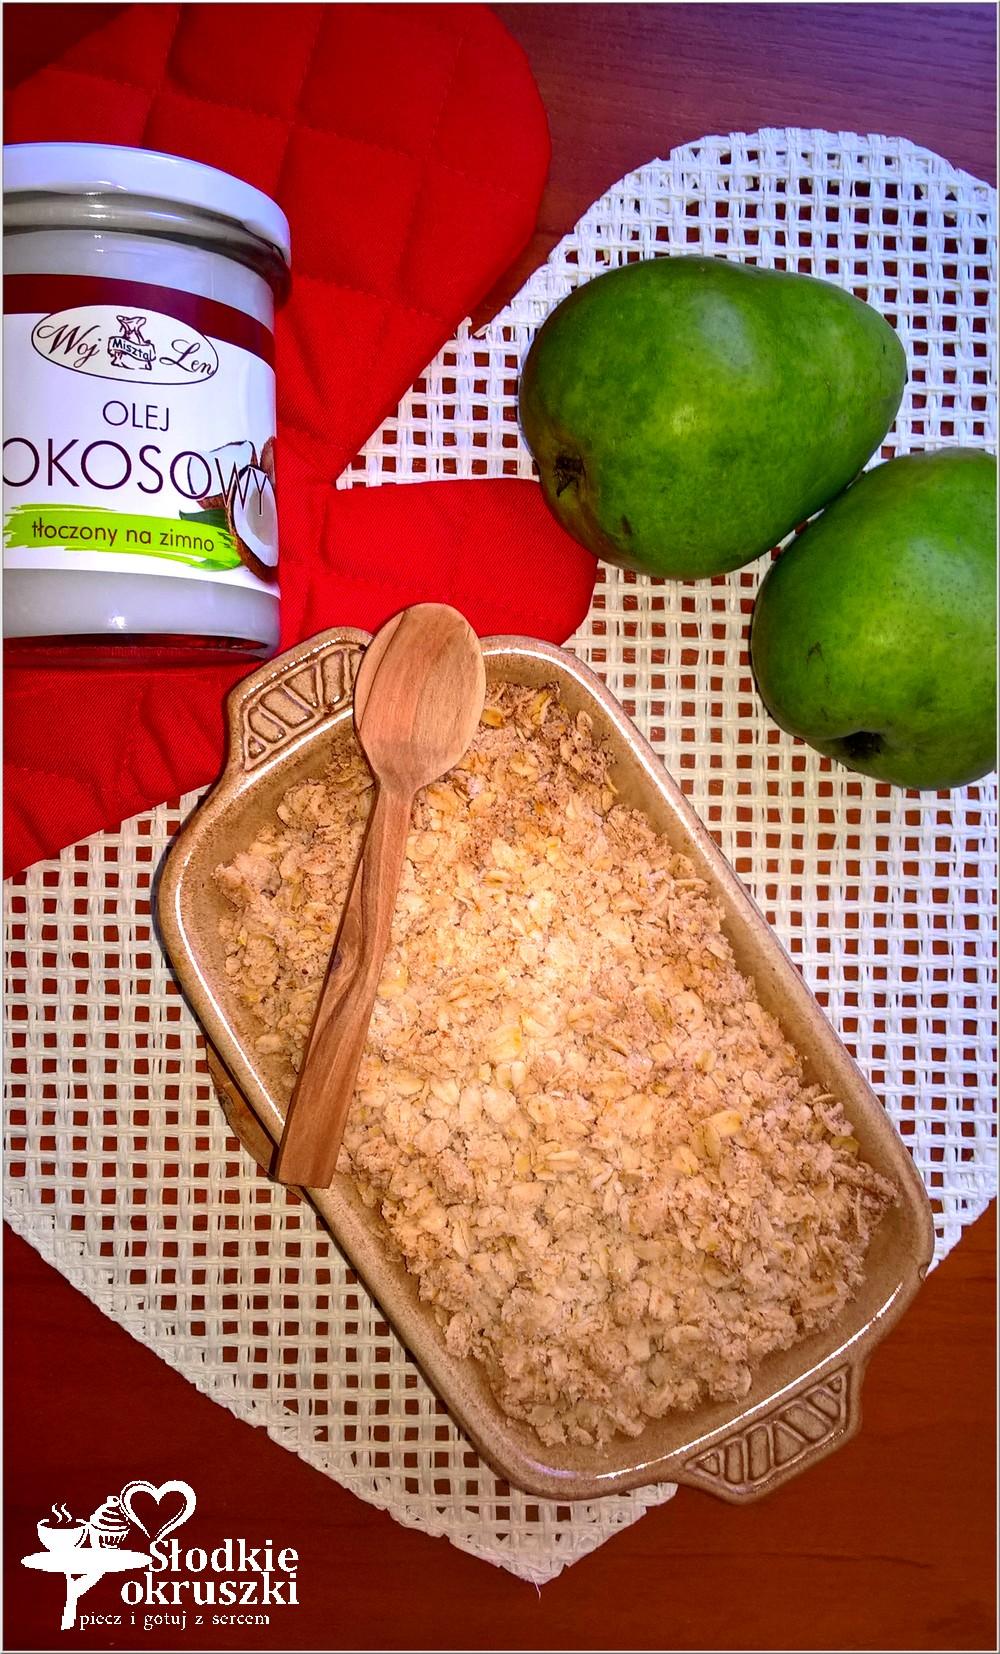 zapiekana-gruszka-pod-zdrowa-kokosowo-kruszonka-na-bazie-oleju-kokosowego